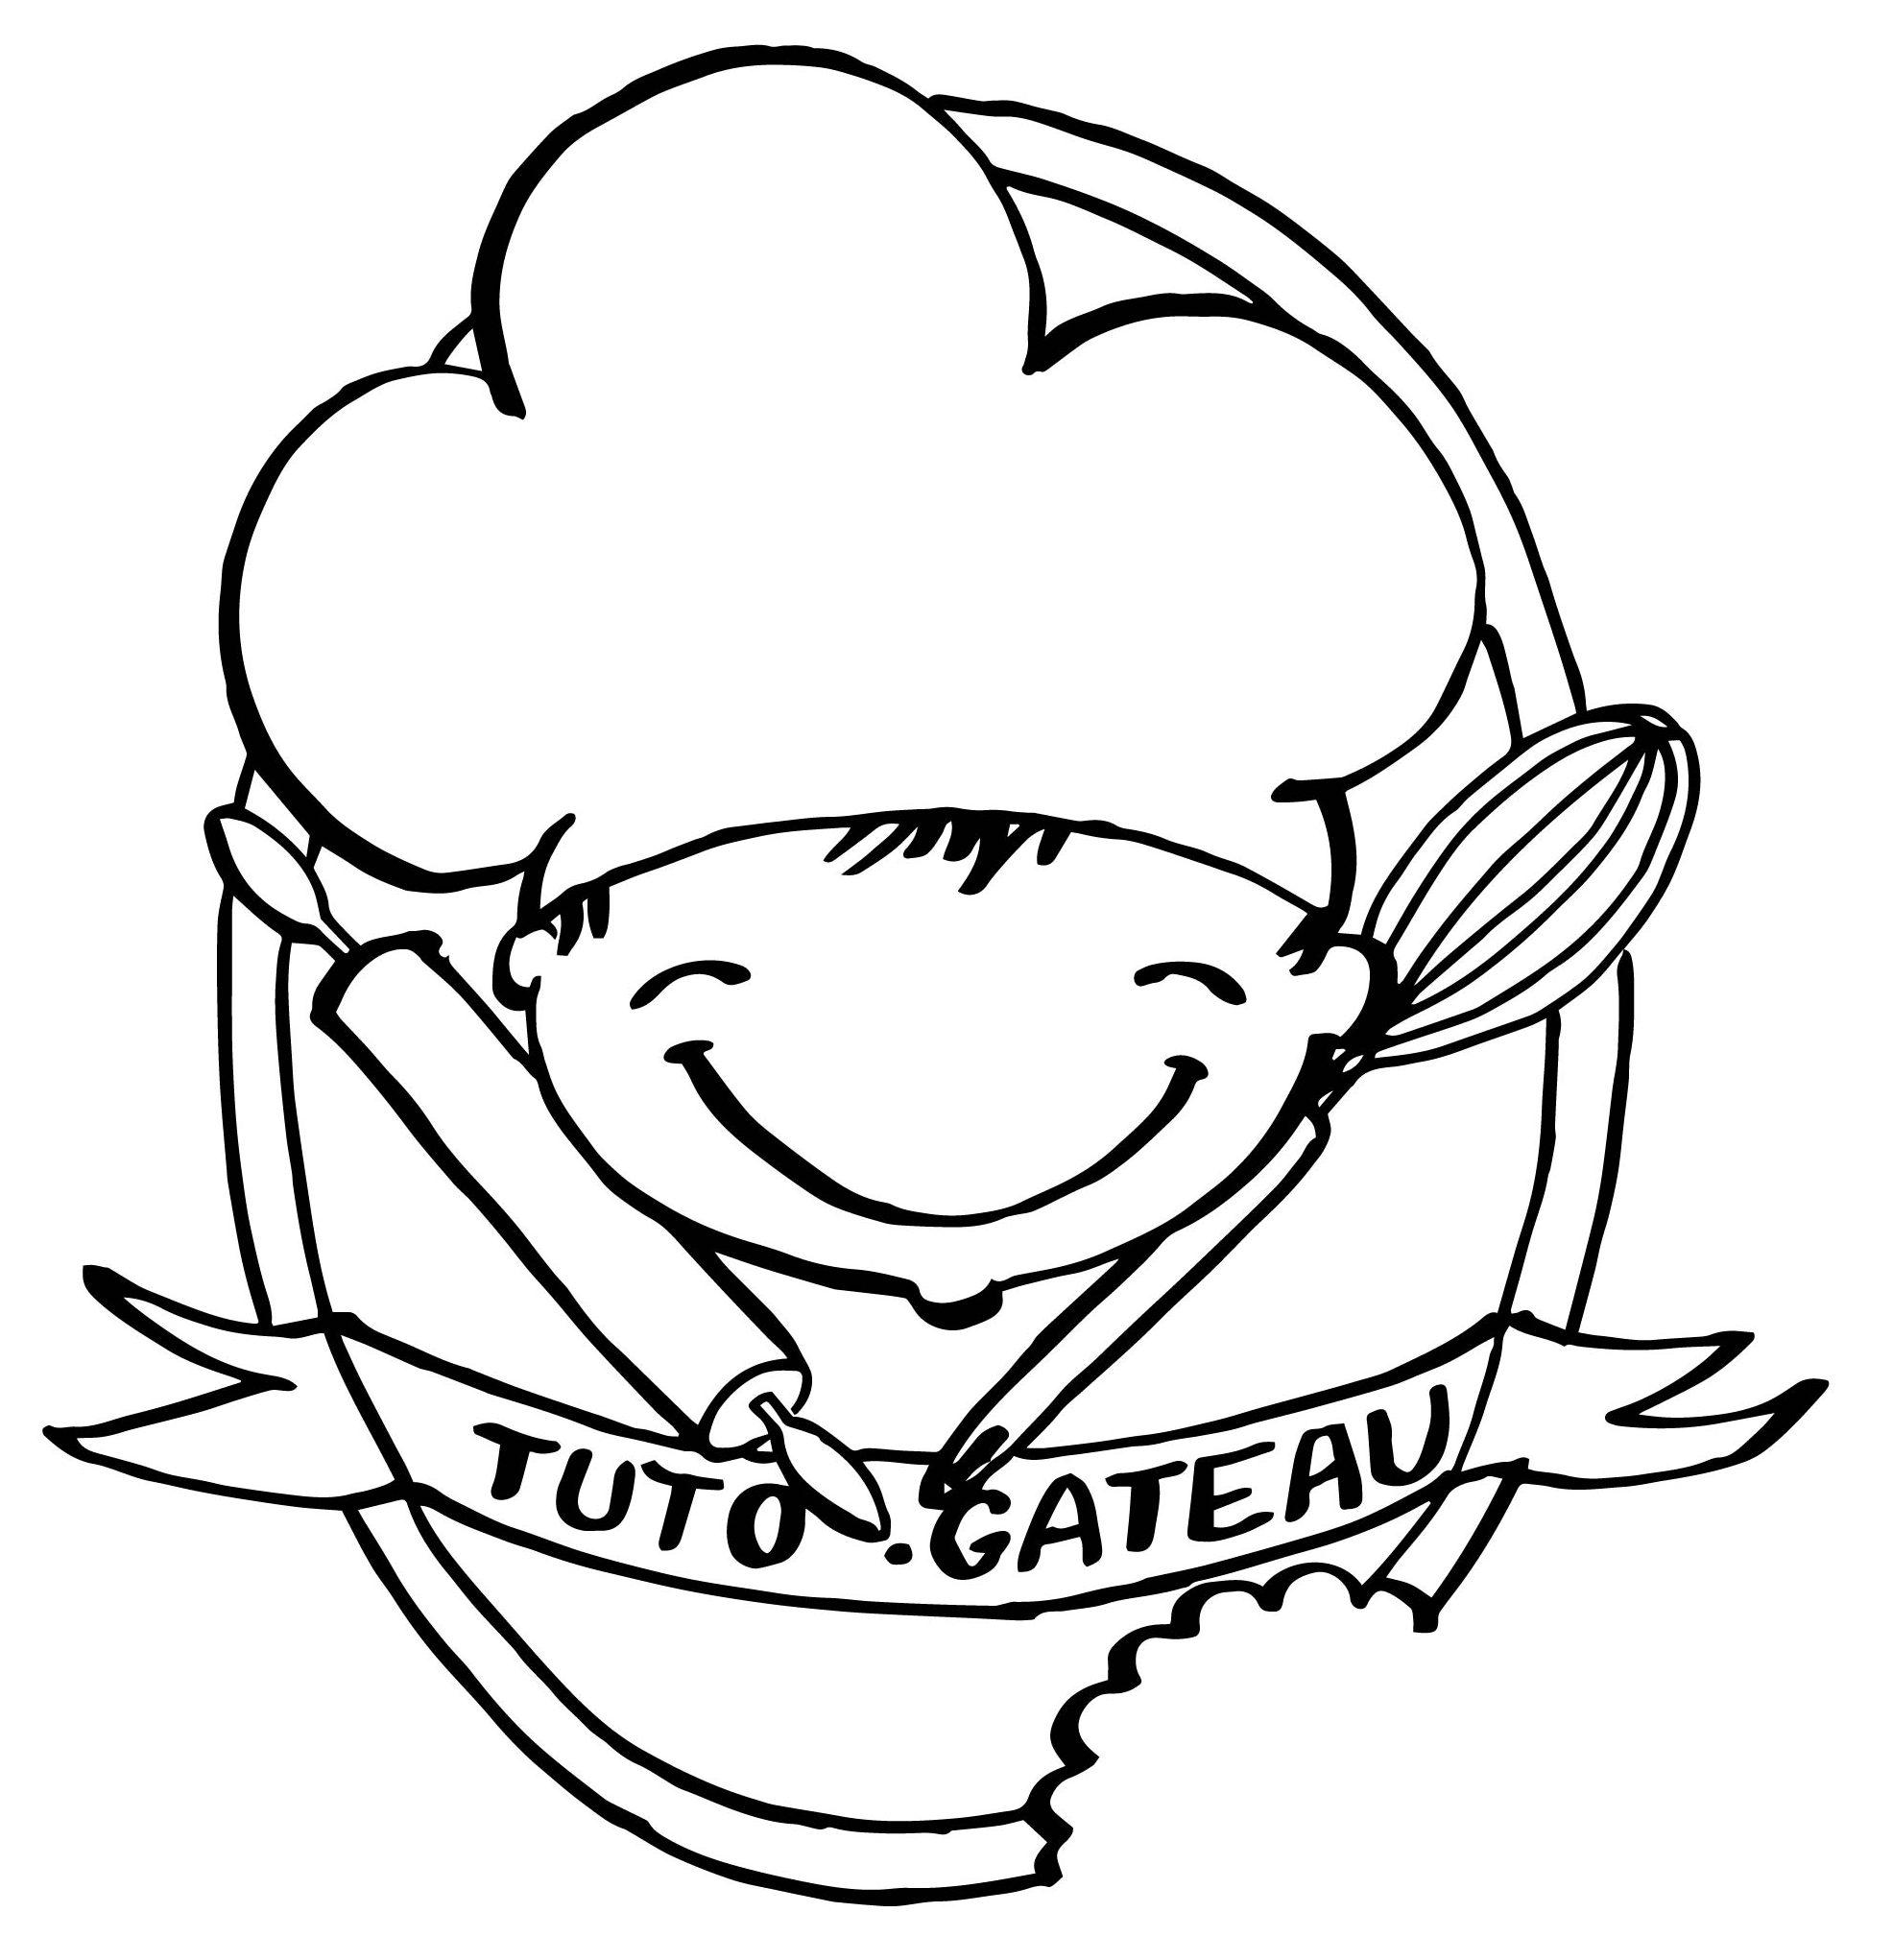 TUTO-GATEAU